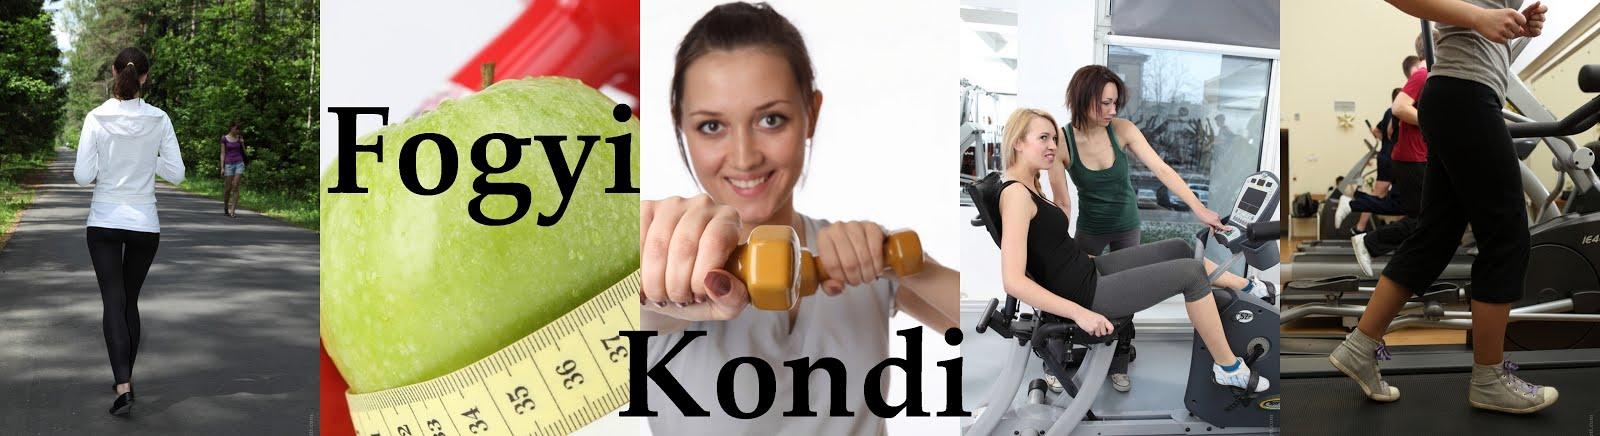 Fogyi - Kondi: Kalóriaégetés